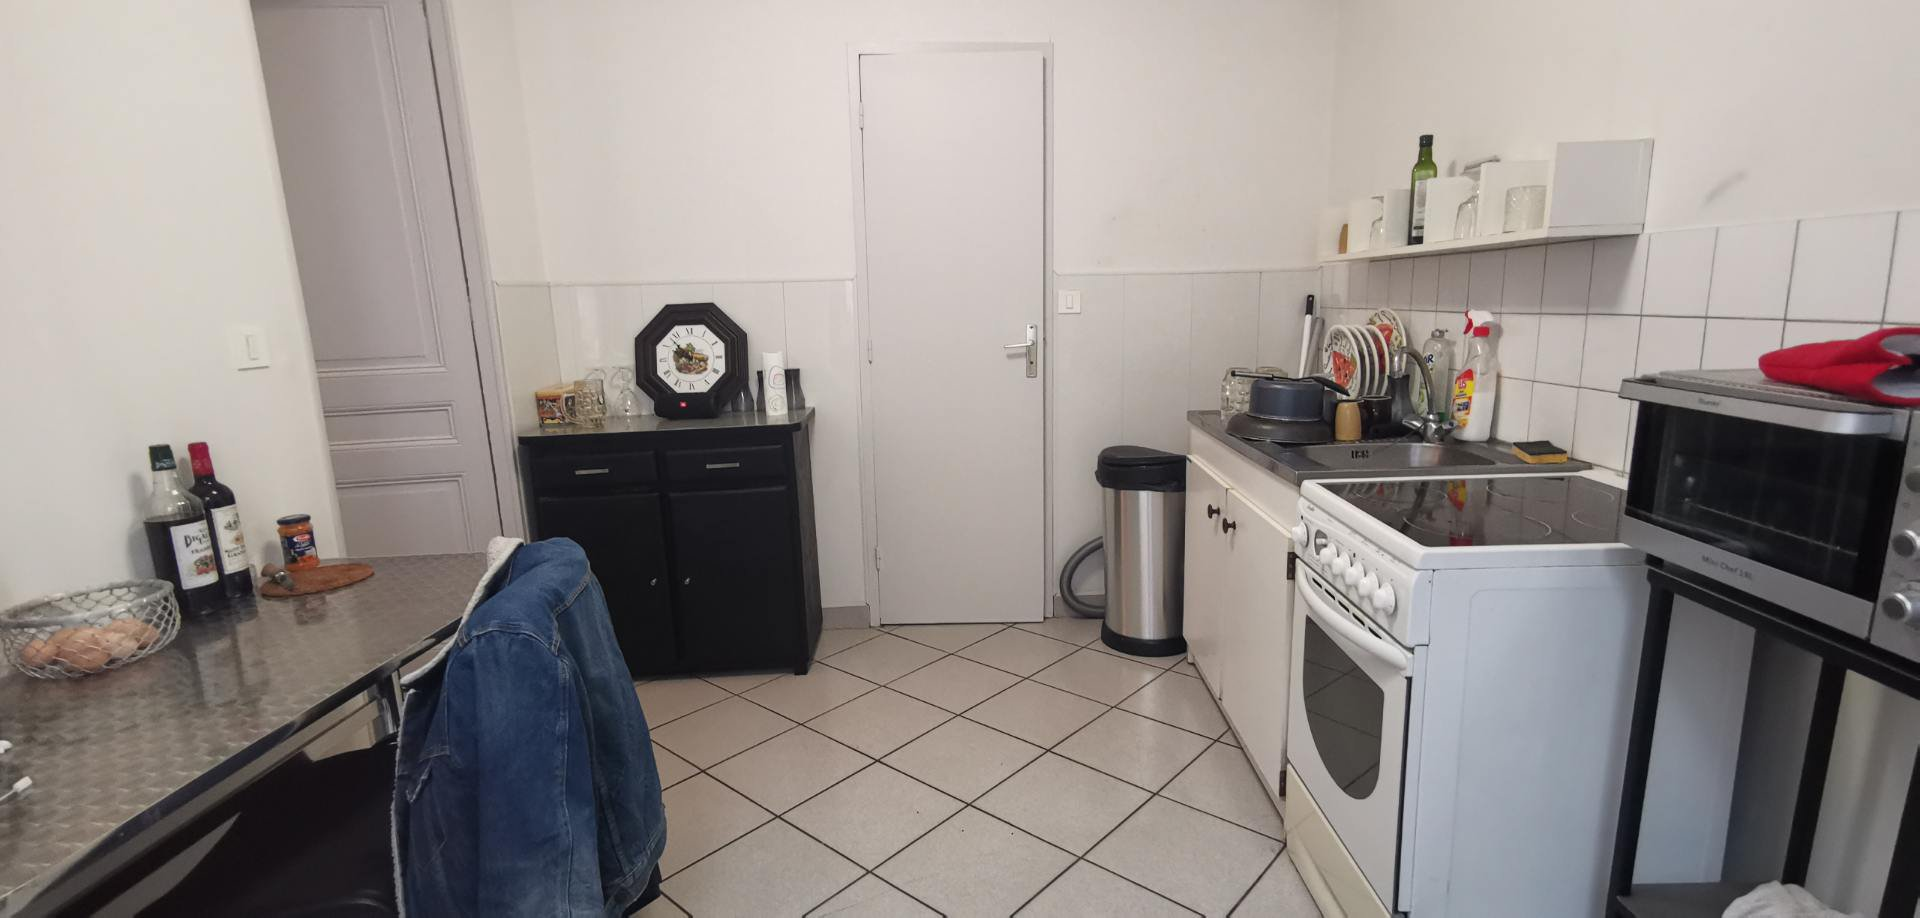 SAINT-ETIENNE - CARNOT Appartement T1